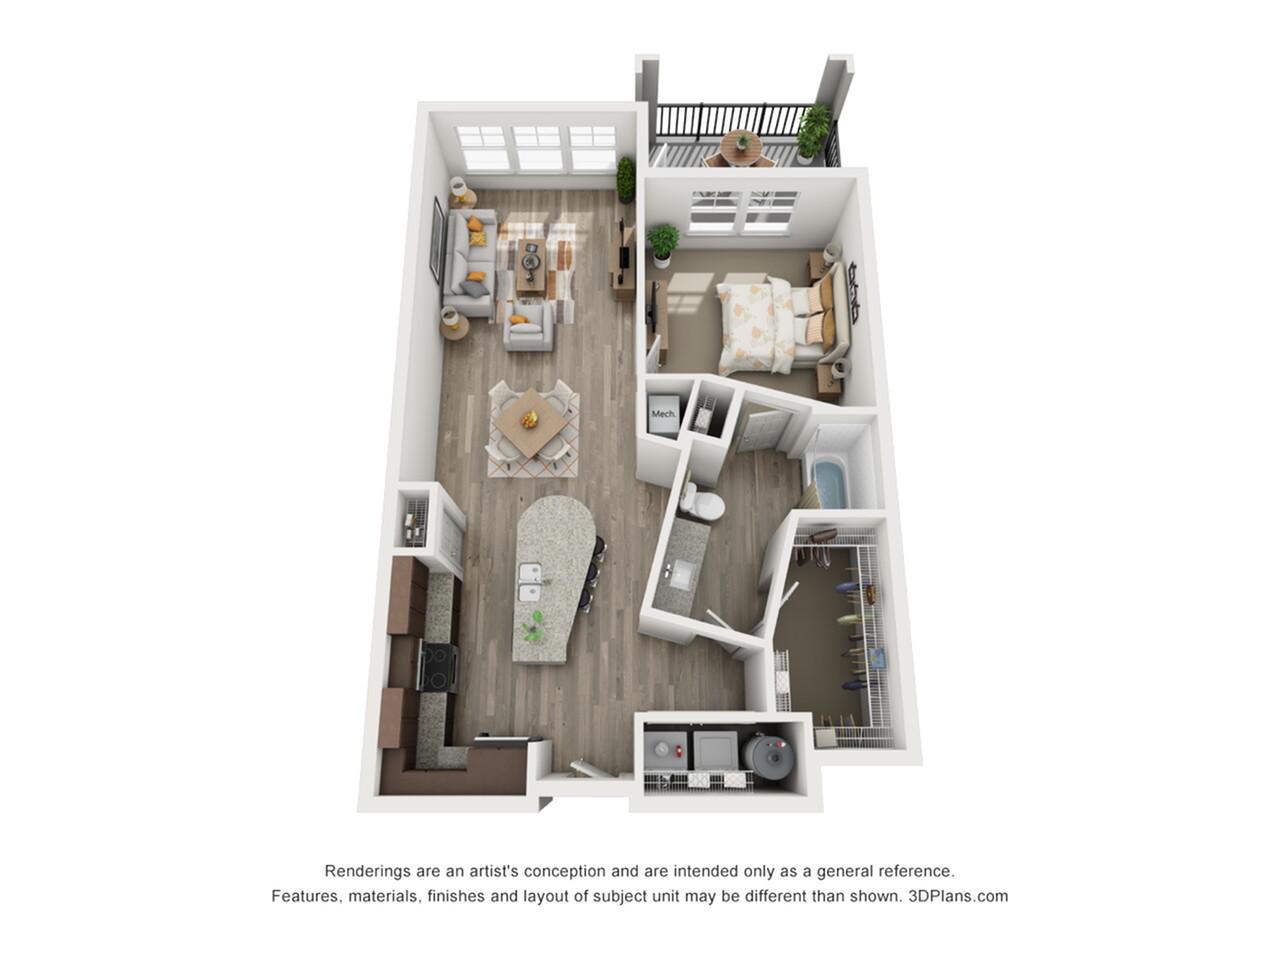 A2 - 1 bedroom, 1 bathroom apartment at Champions Vue Apartments